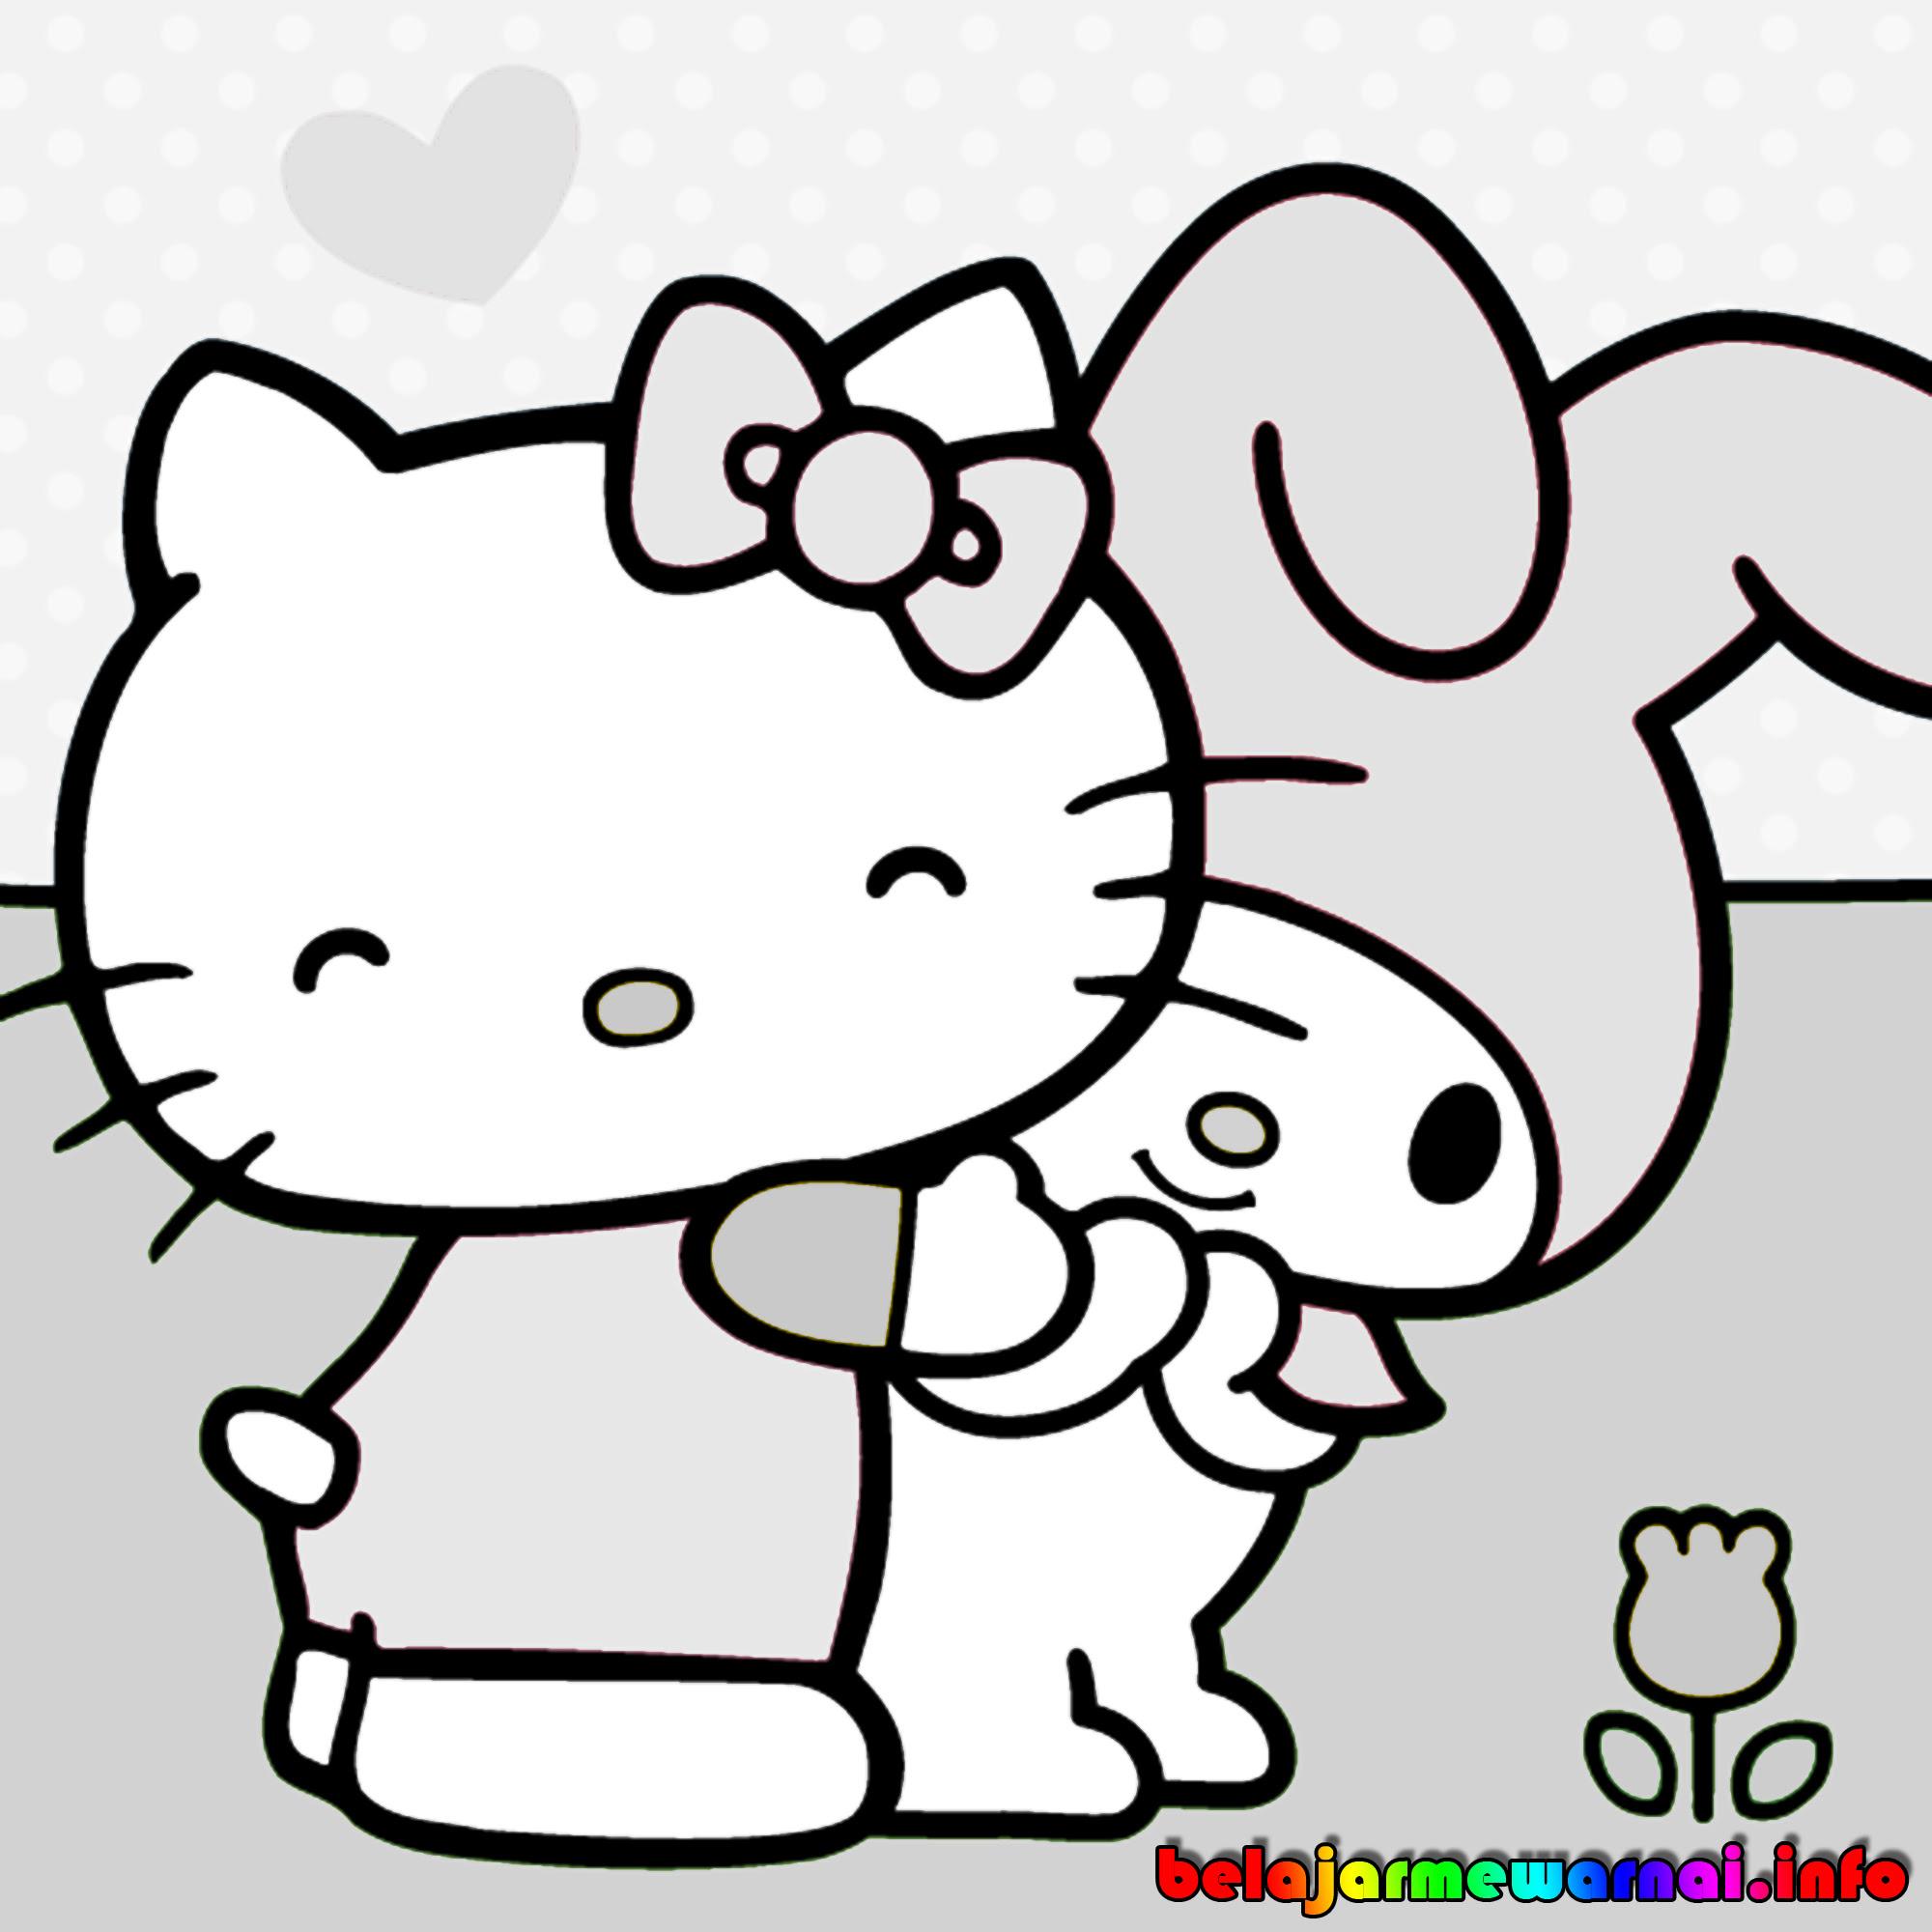 Kumpulan Gambar Kartun Hello Kitty Yang Lucu  Himpun Kartun